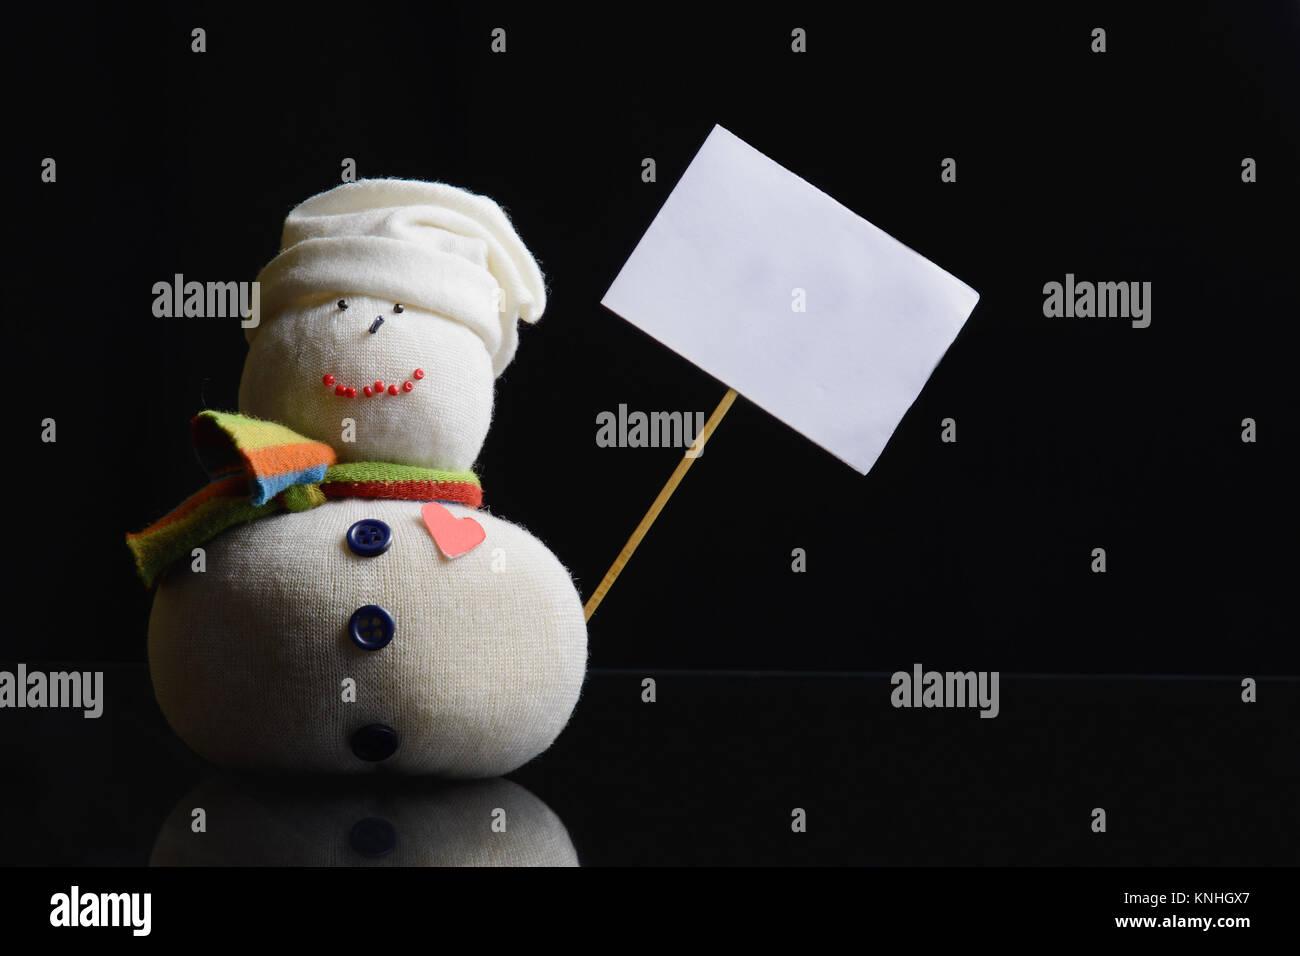 Pupazzo di neve la figura su uno sfondo nero in possesso di una targhetta vuota con scheda stick attaccato. Un contrasty Immagini Stock